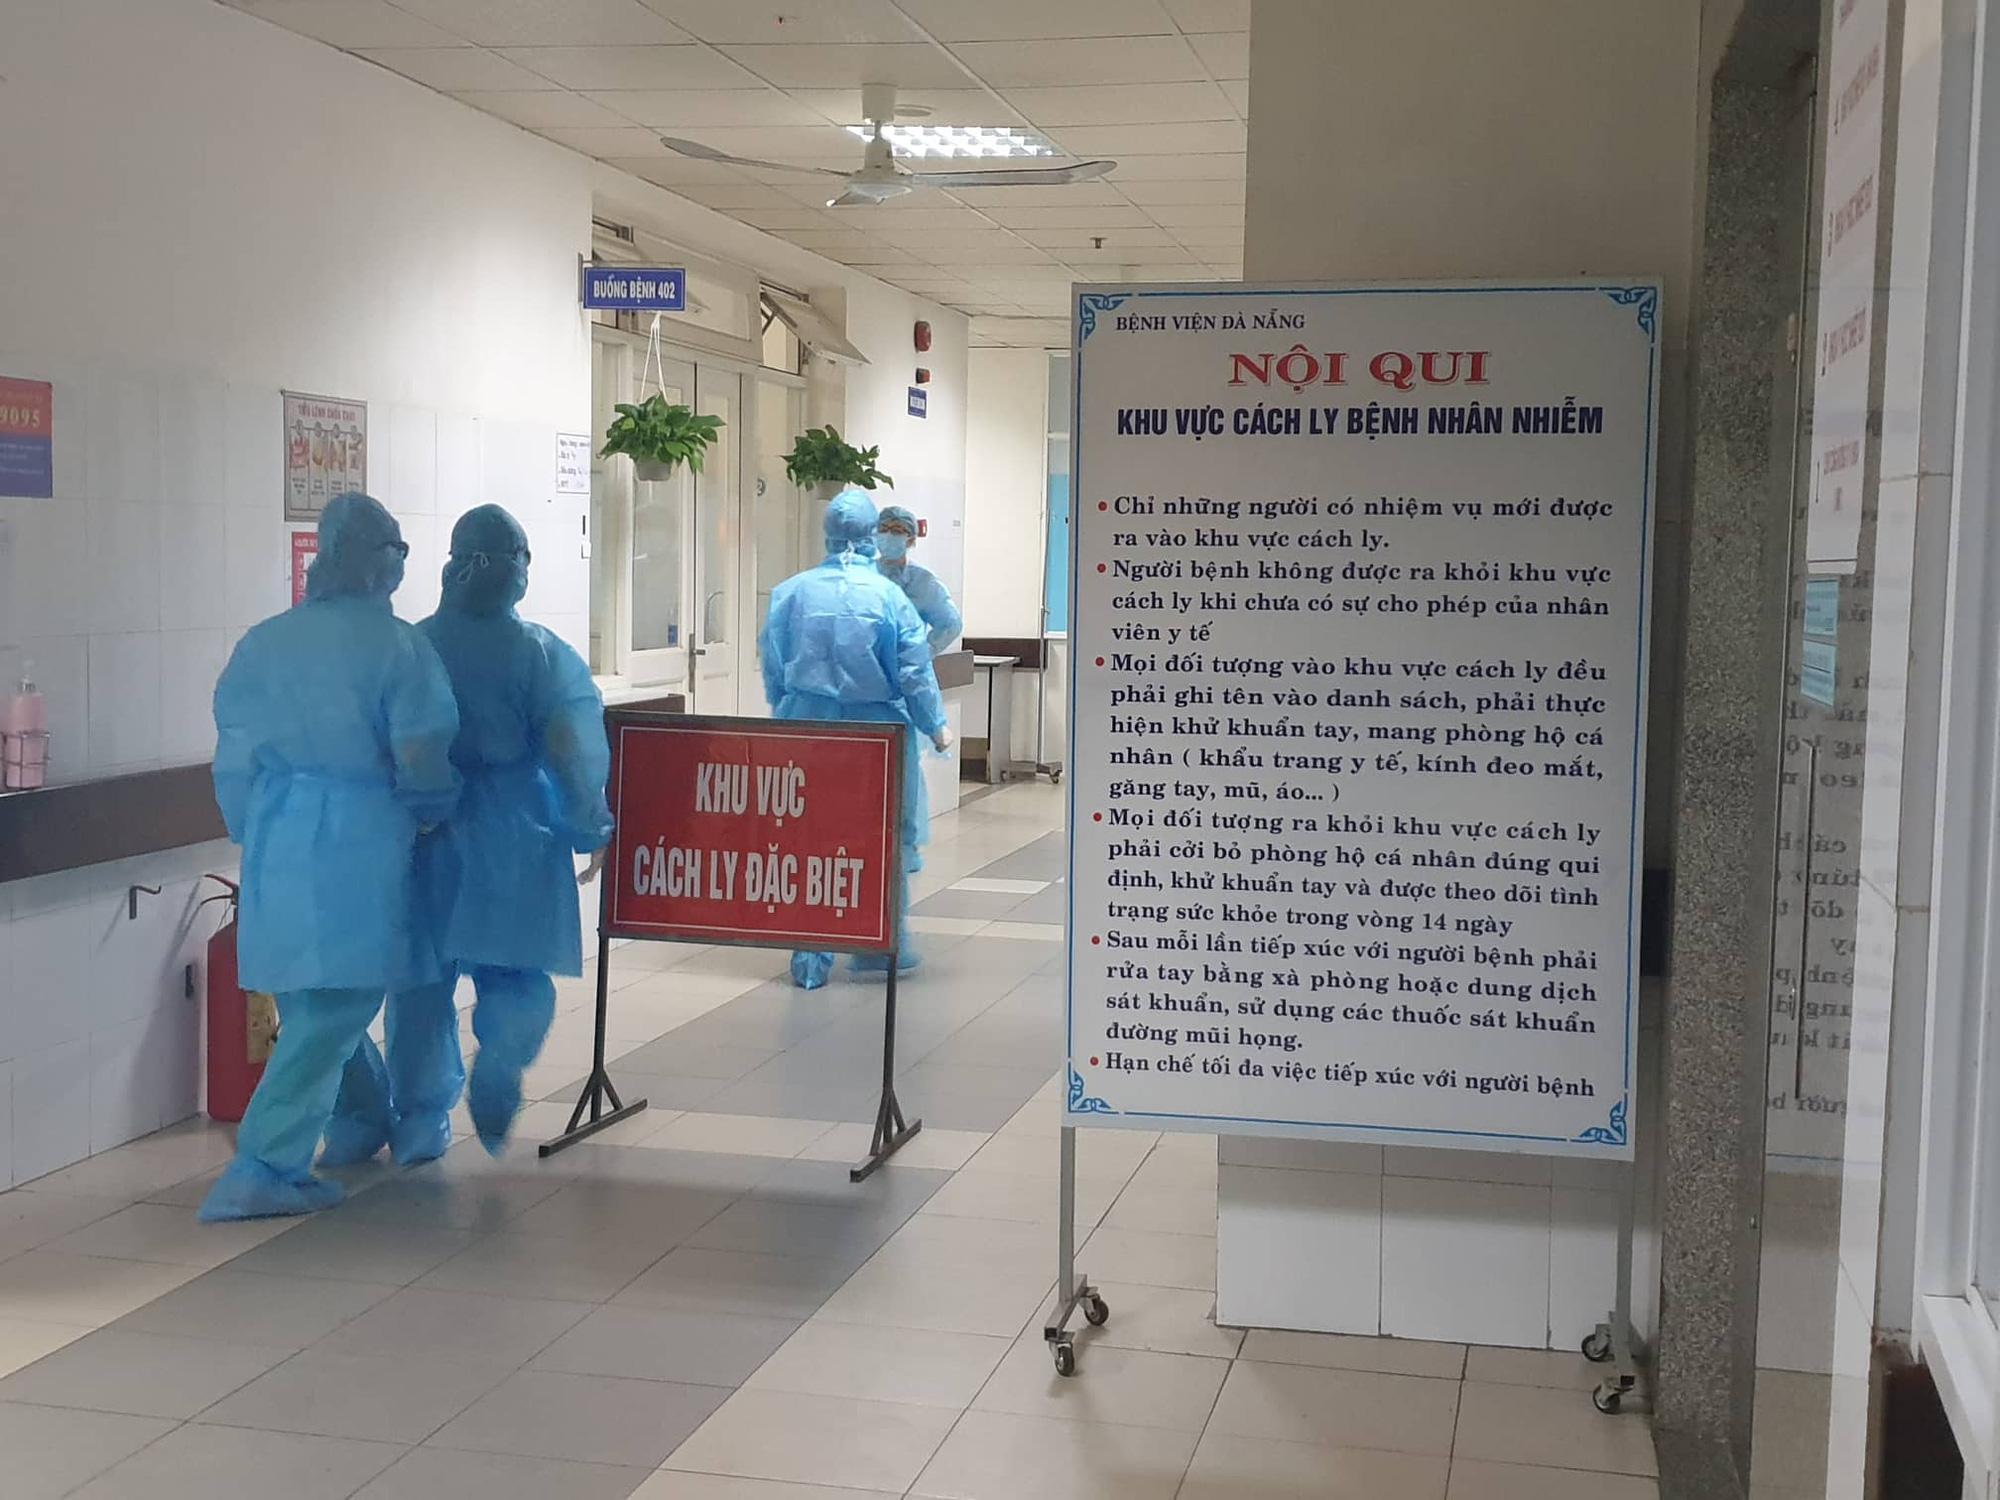 Đà Nẵng: Cách li 1 người nghi nhiễm Covid-19 khi đi từ Hàn Quốc về - Ảnh 1.